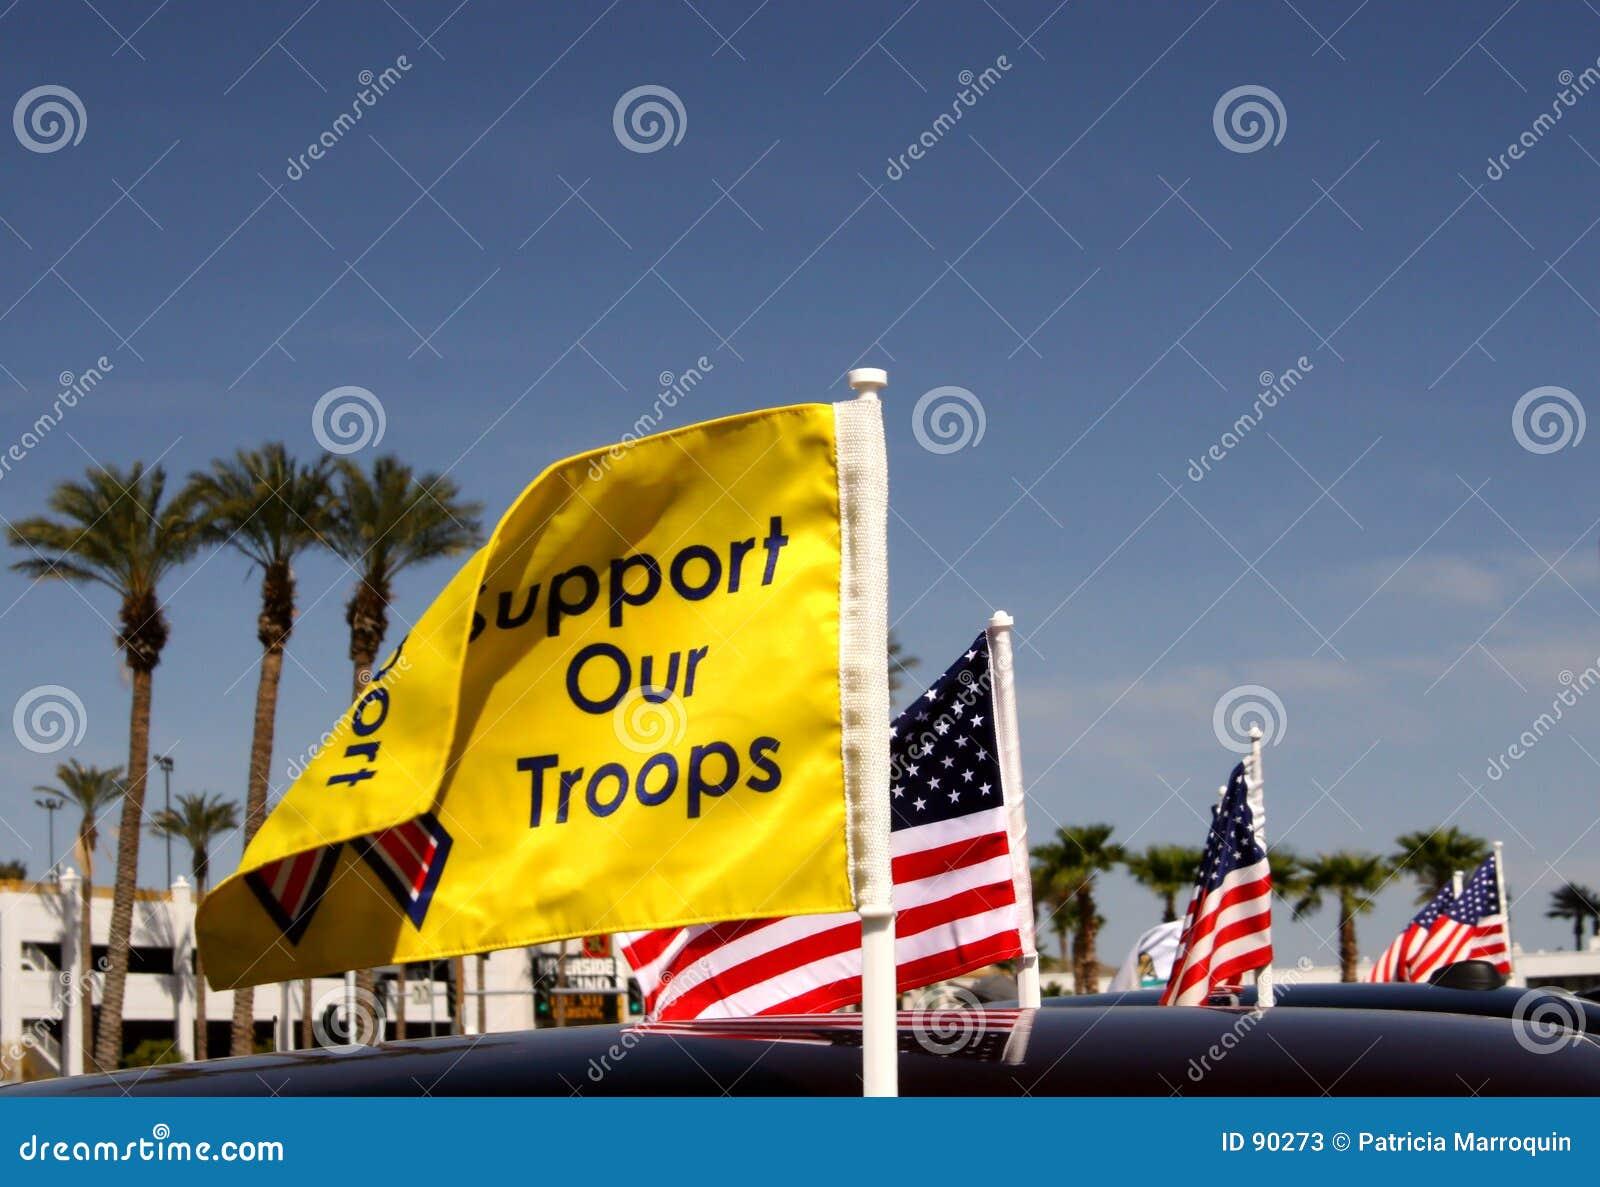 Supporti le nostre truppe